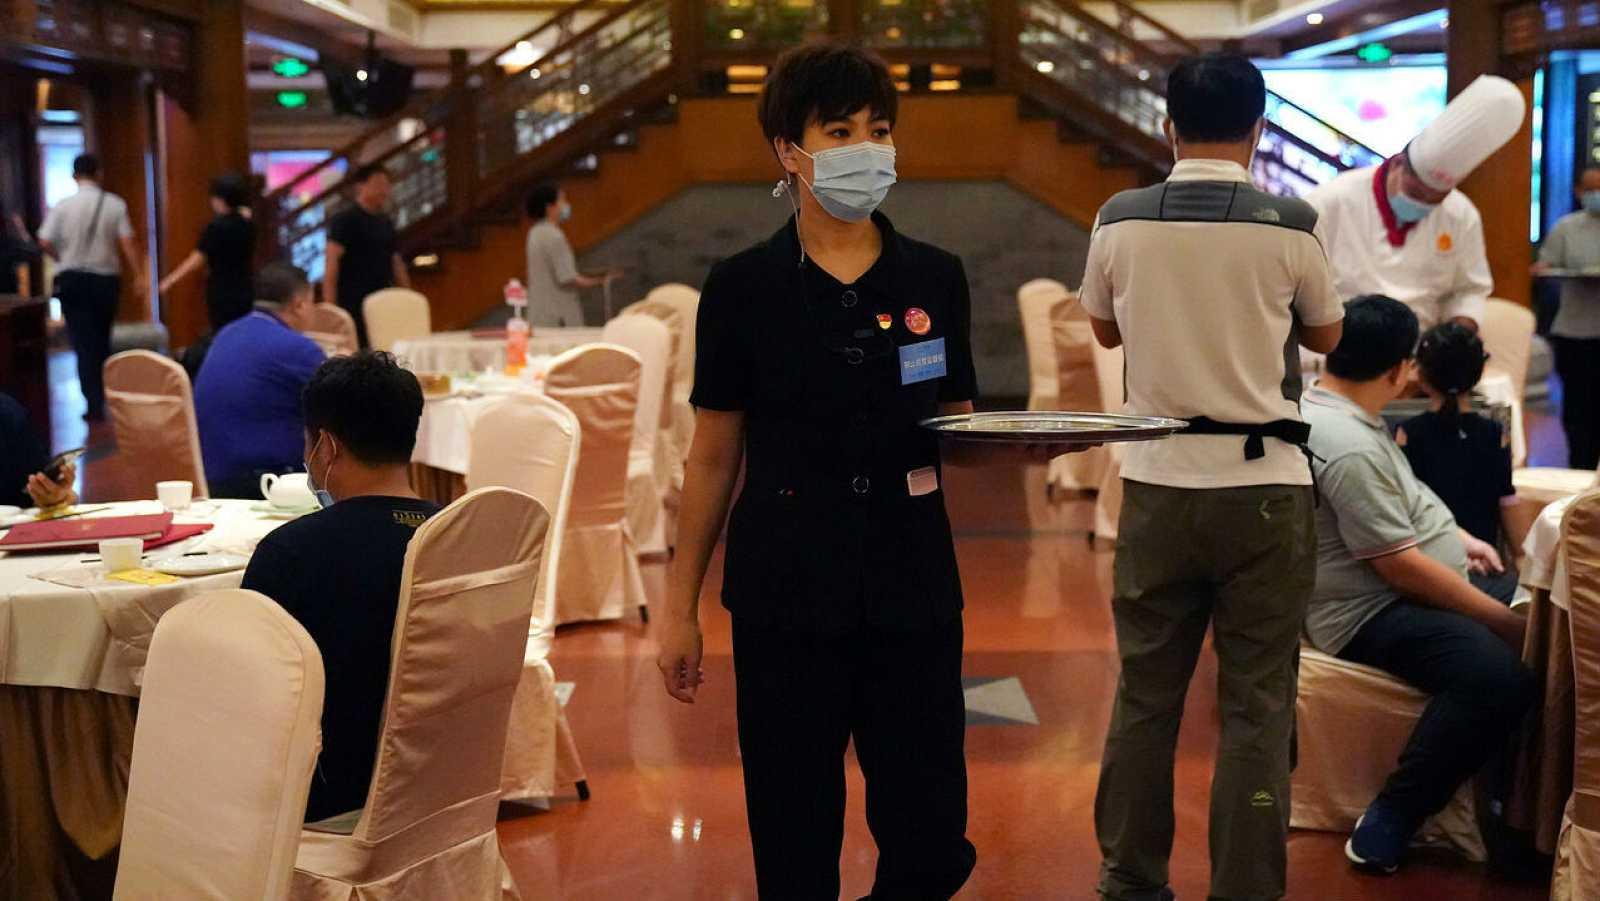 Un miembro del personal que también es supervisor contra el desperdicio de alimentos, sostiene una bandeja en un restaurante en Beijing, China.